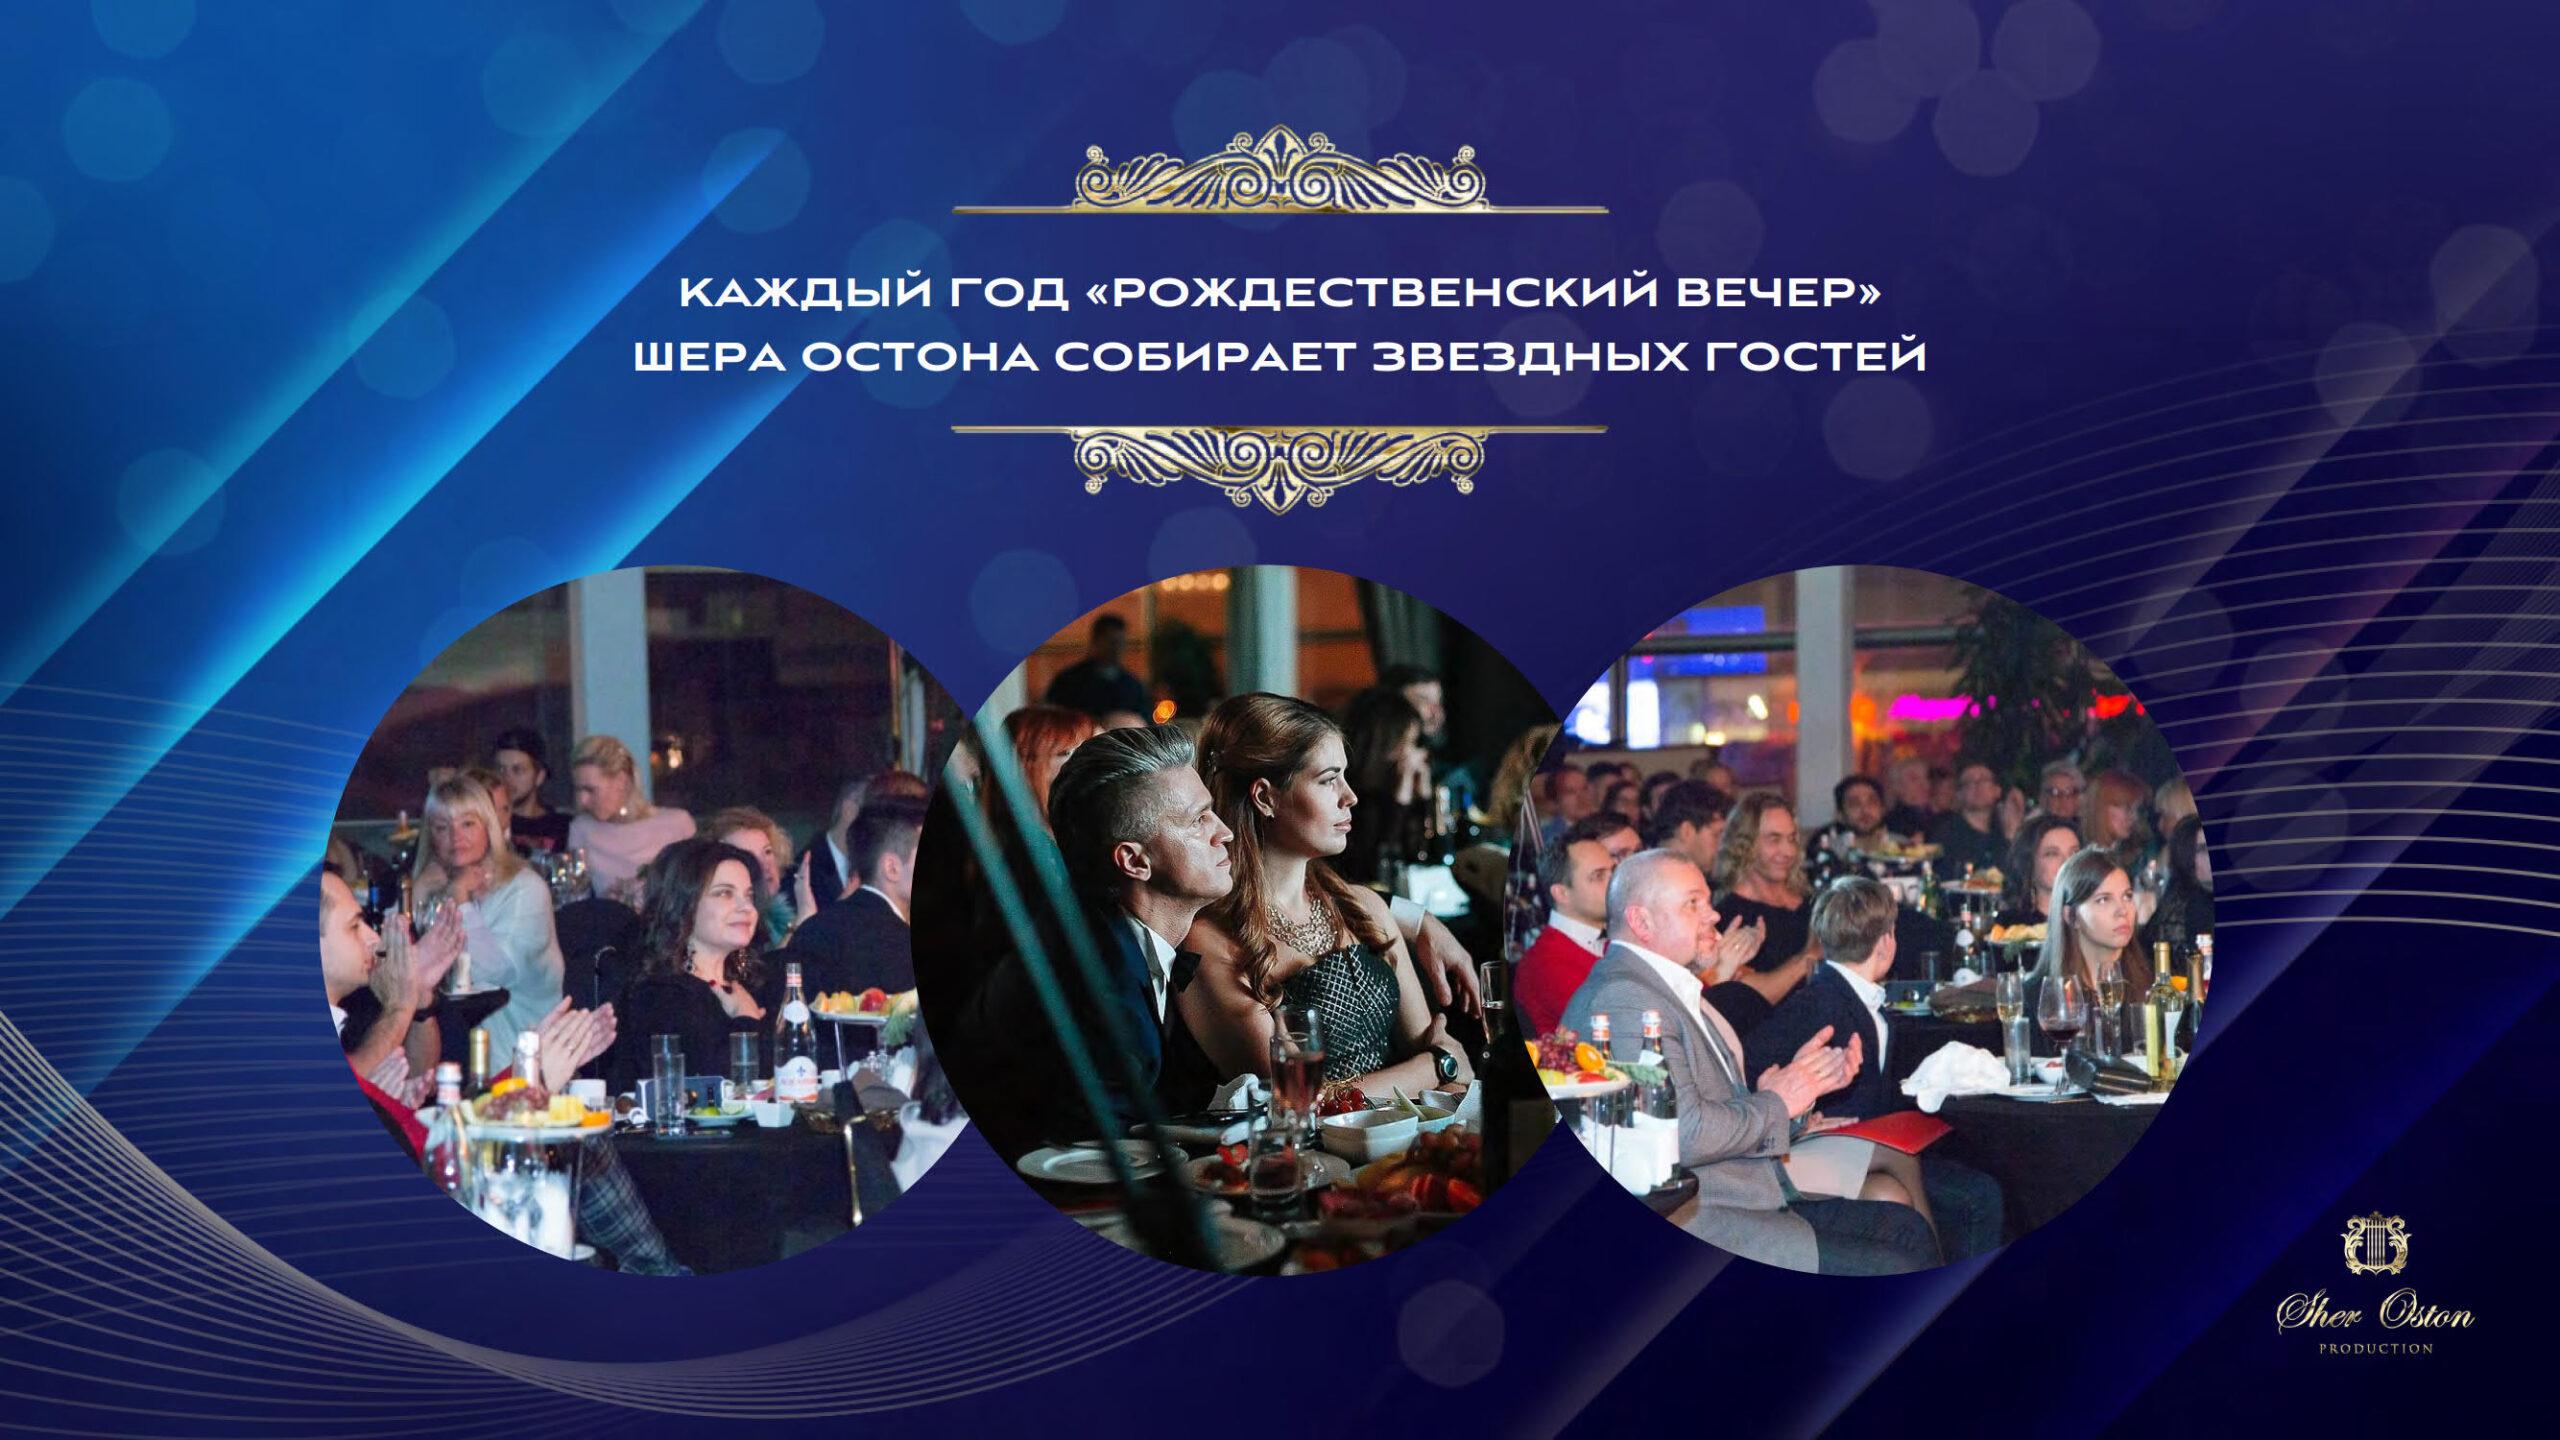 Prezentacija-koncerta-zvezdnye-gosti